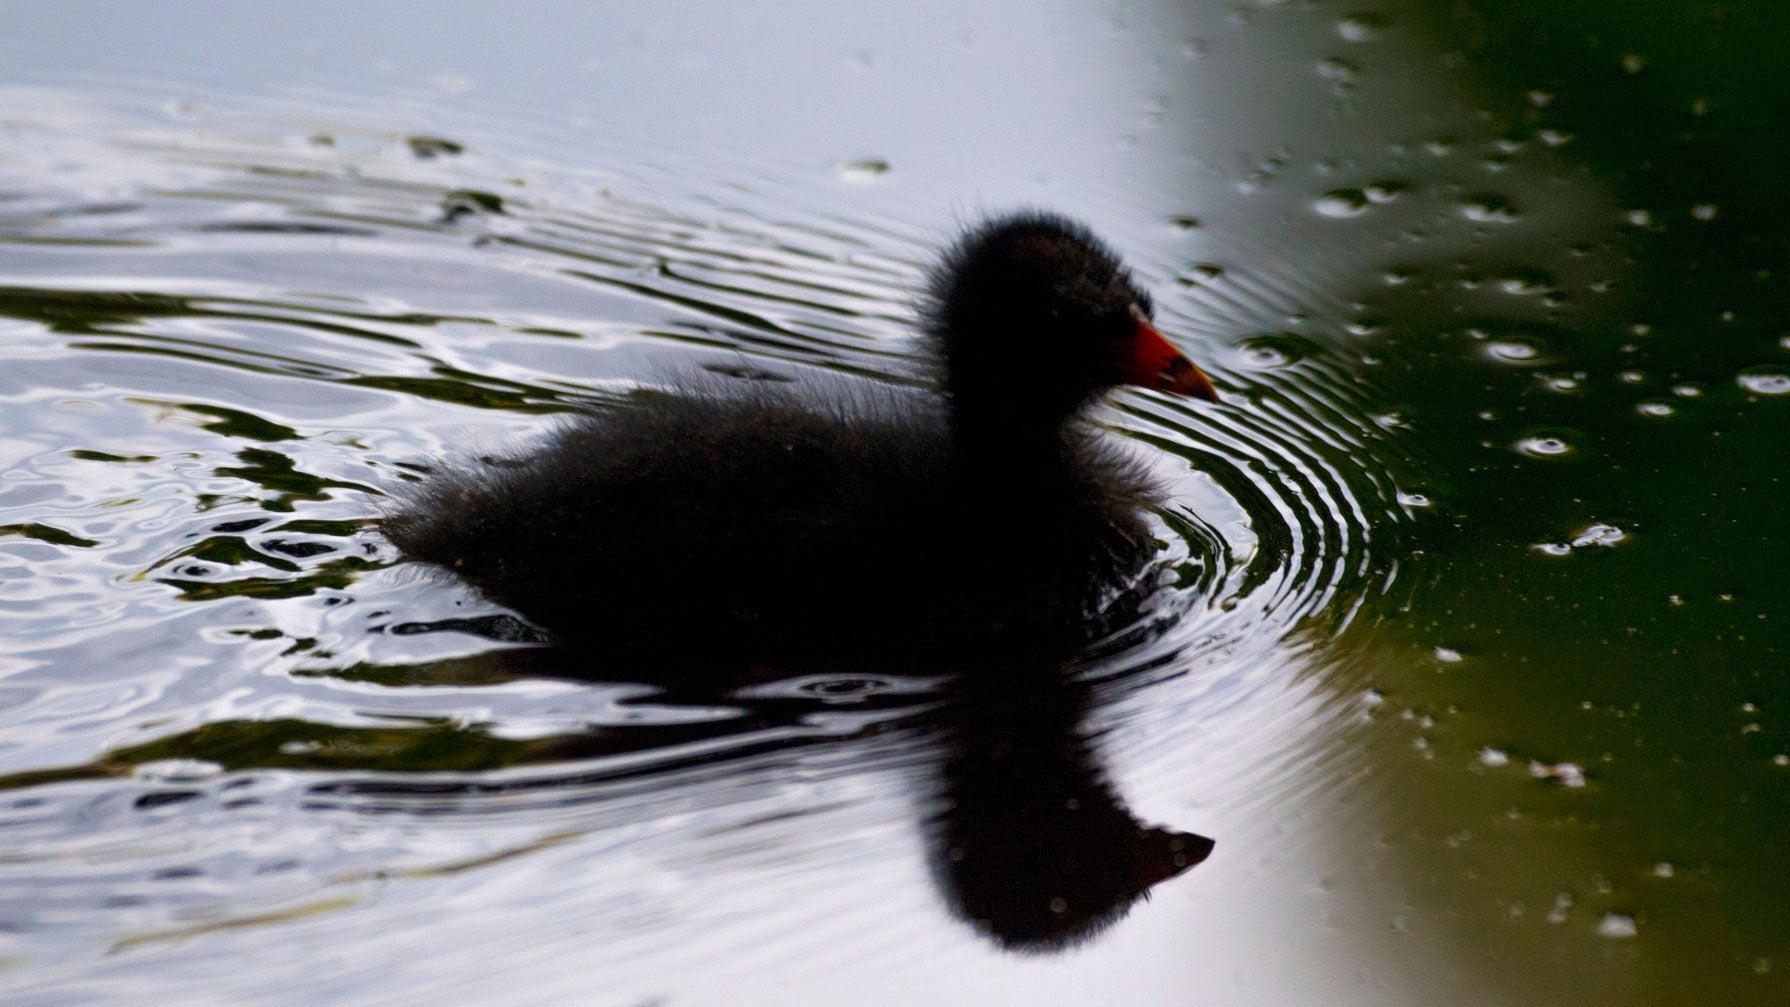 Gefräßiger Wels räubert Teich leer: Sind artgeschützte Entenküken noch zu retten?